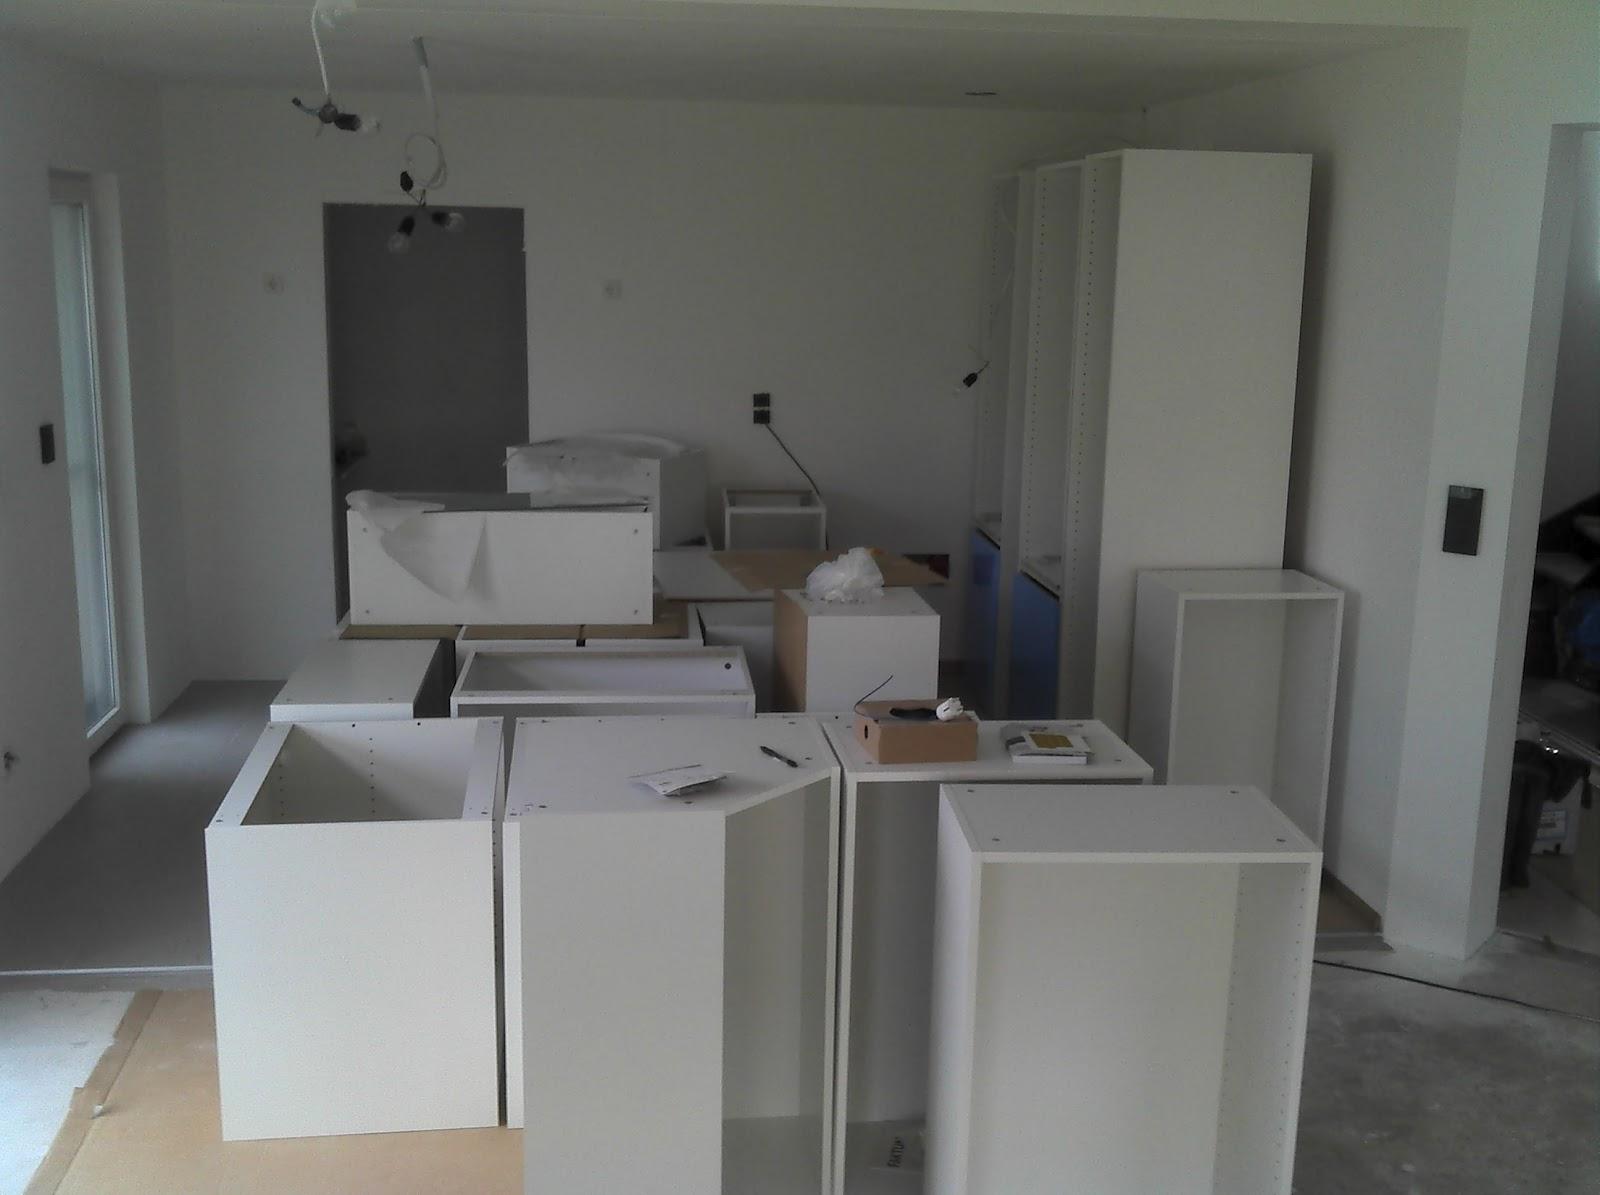 hausbau - das tor zur hölle ;-): die küche (21.8.2012)